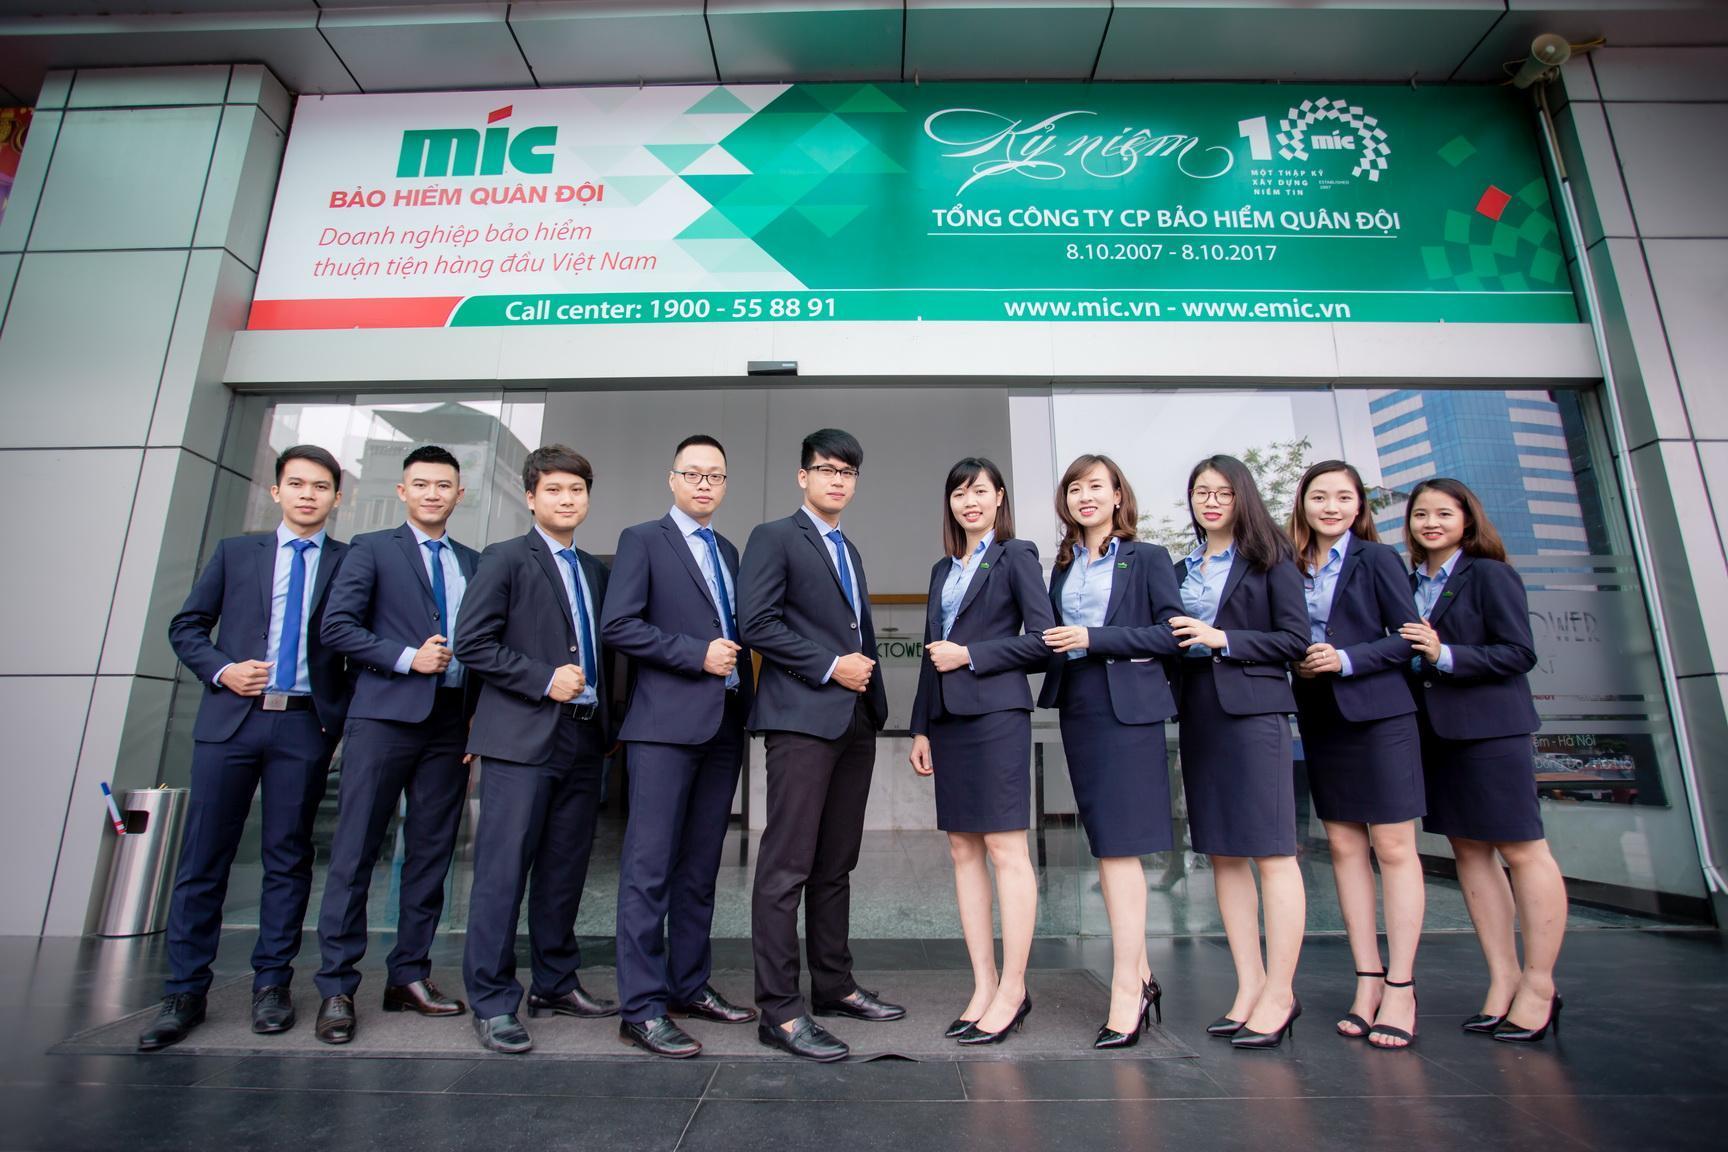 MIC 6 tháng đầu năm 2017 doanh thu đạt 1.016 tỷ đồng, lợi nhuận tăng trưởng 23%